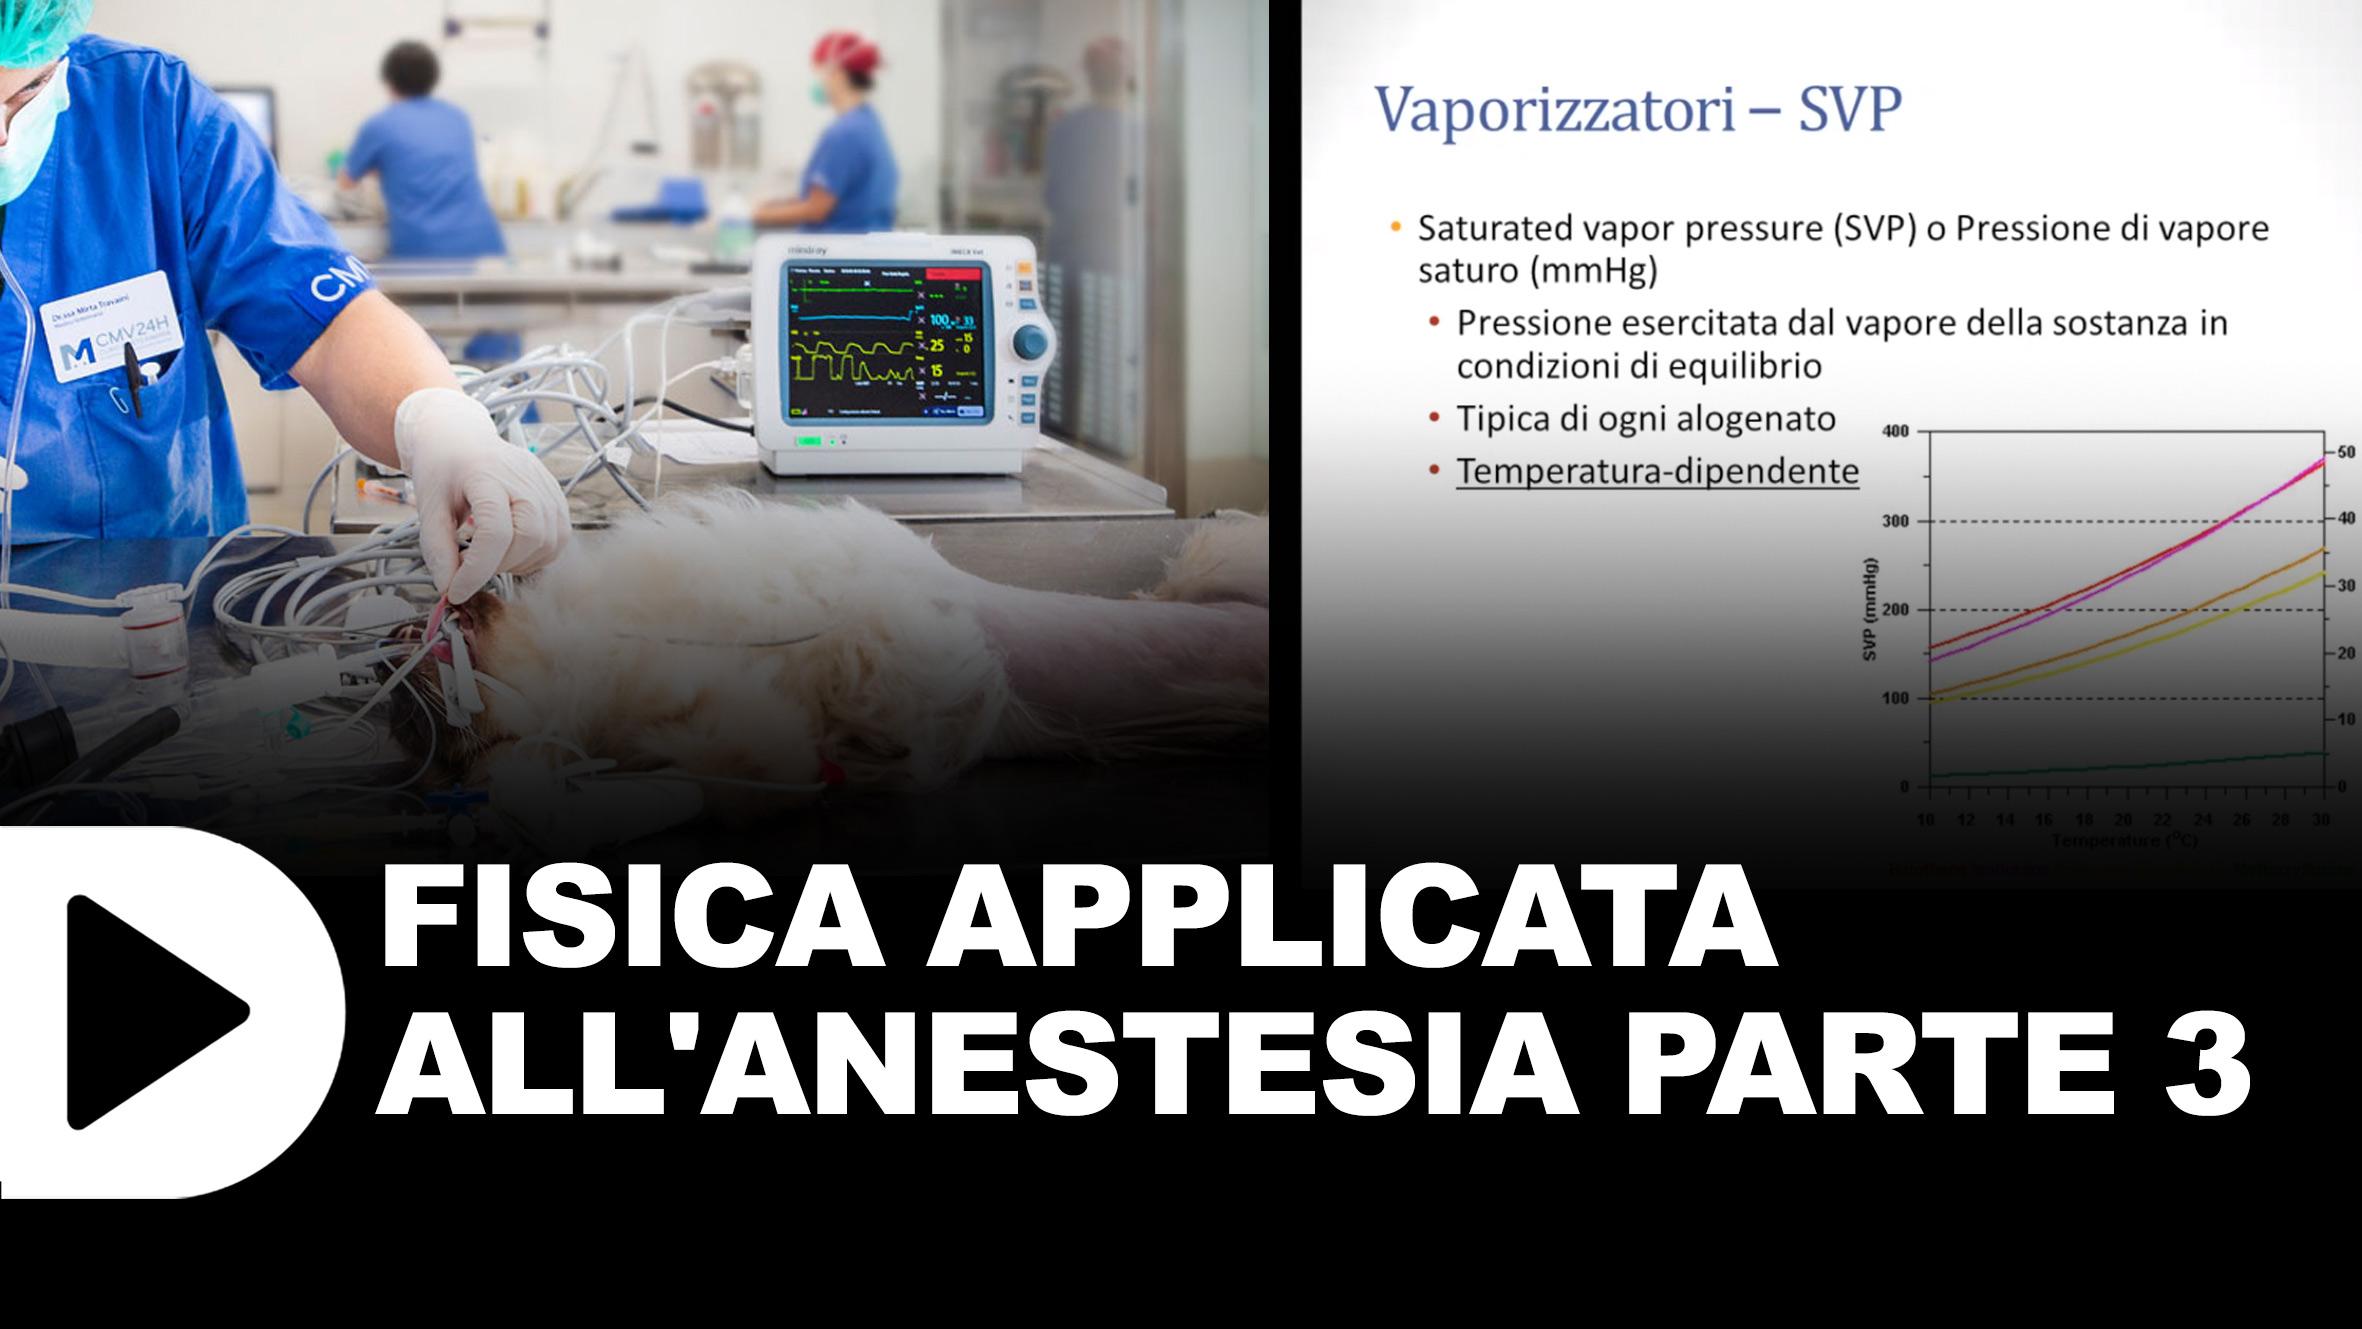 Fisica-applicata-all'anestesia-parte-3